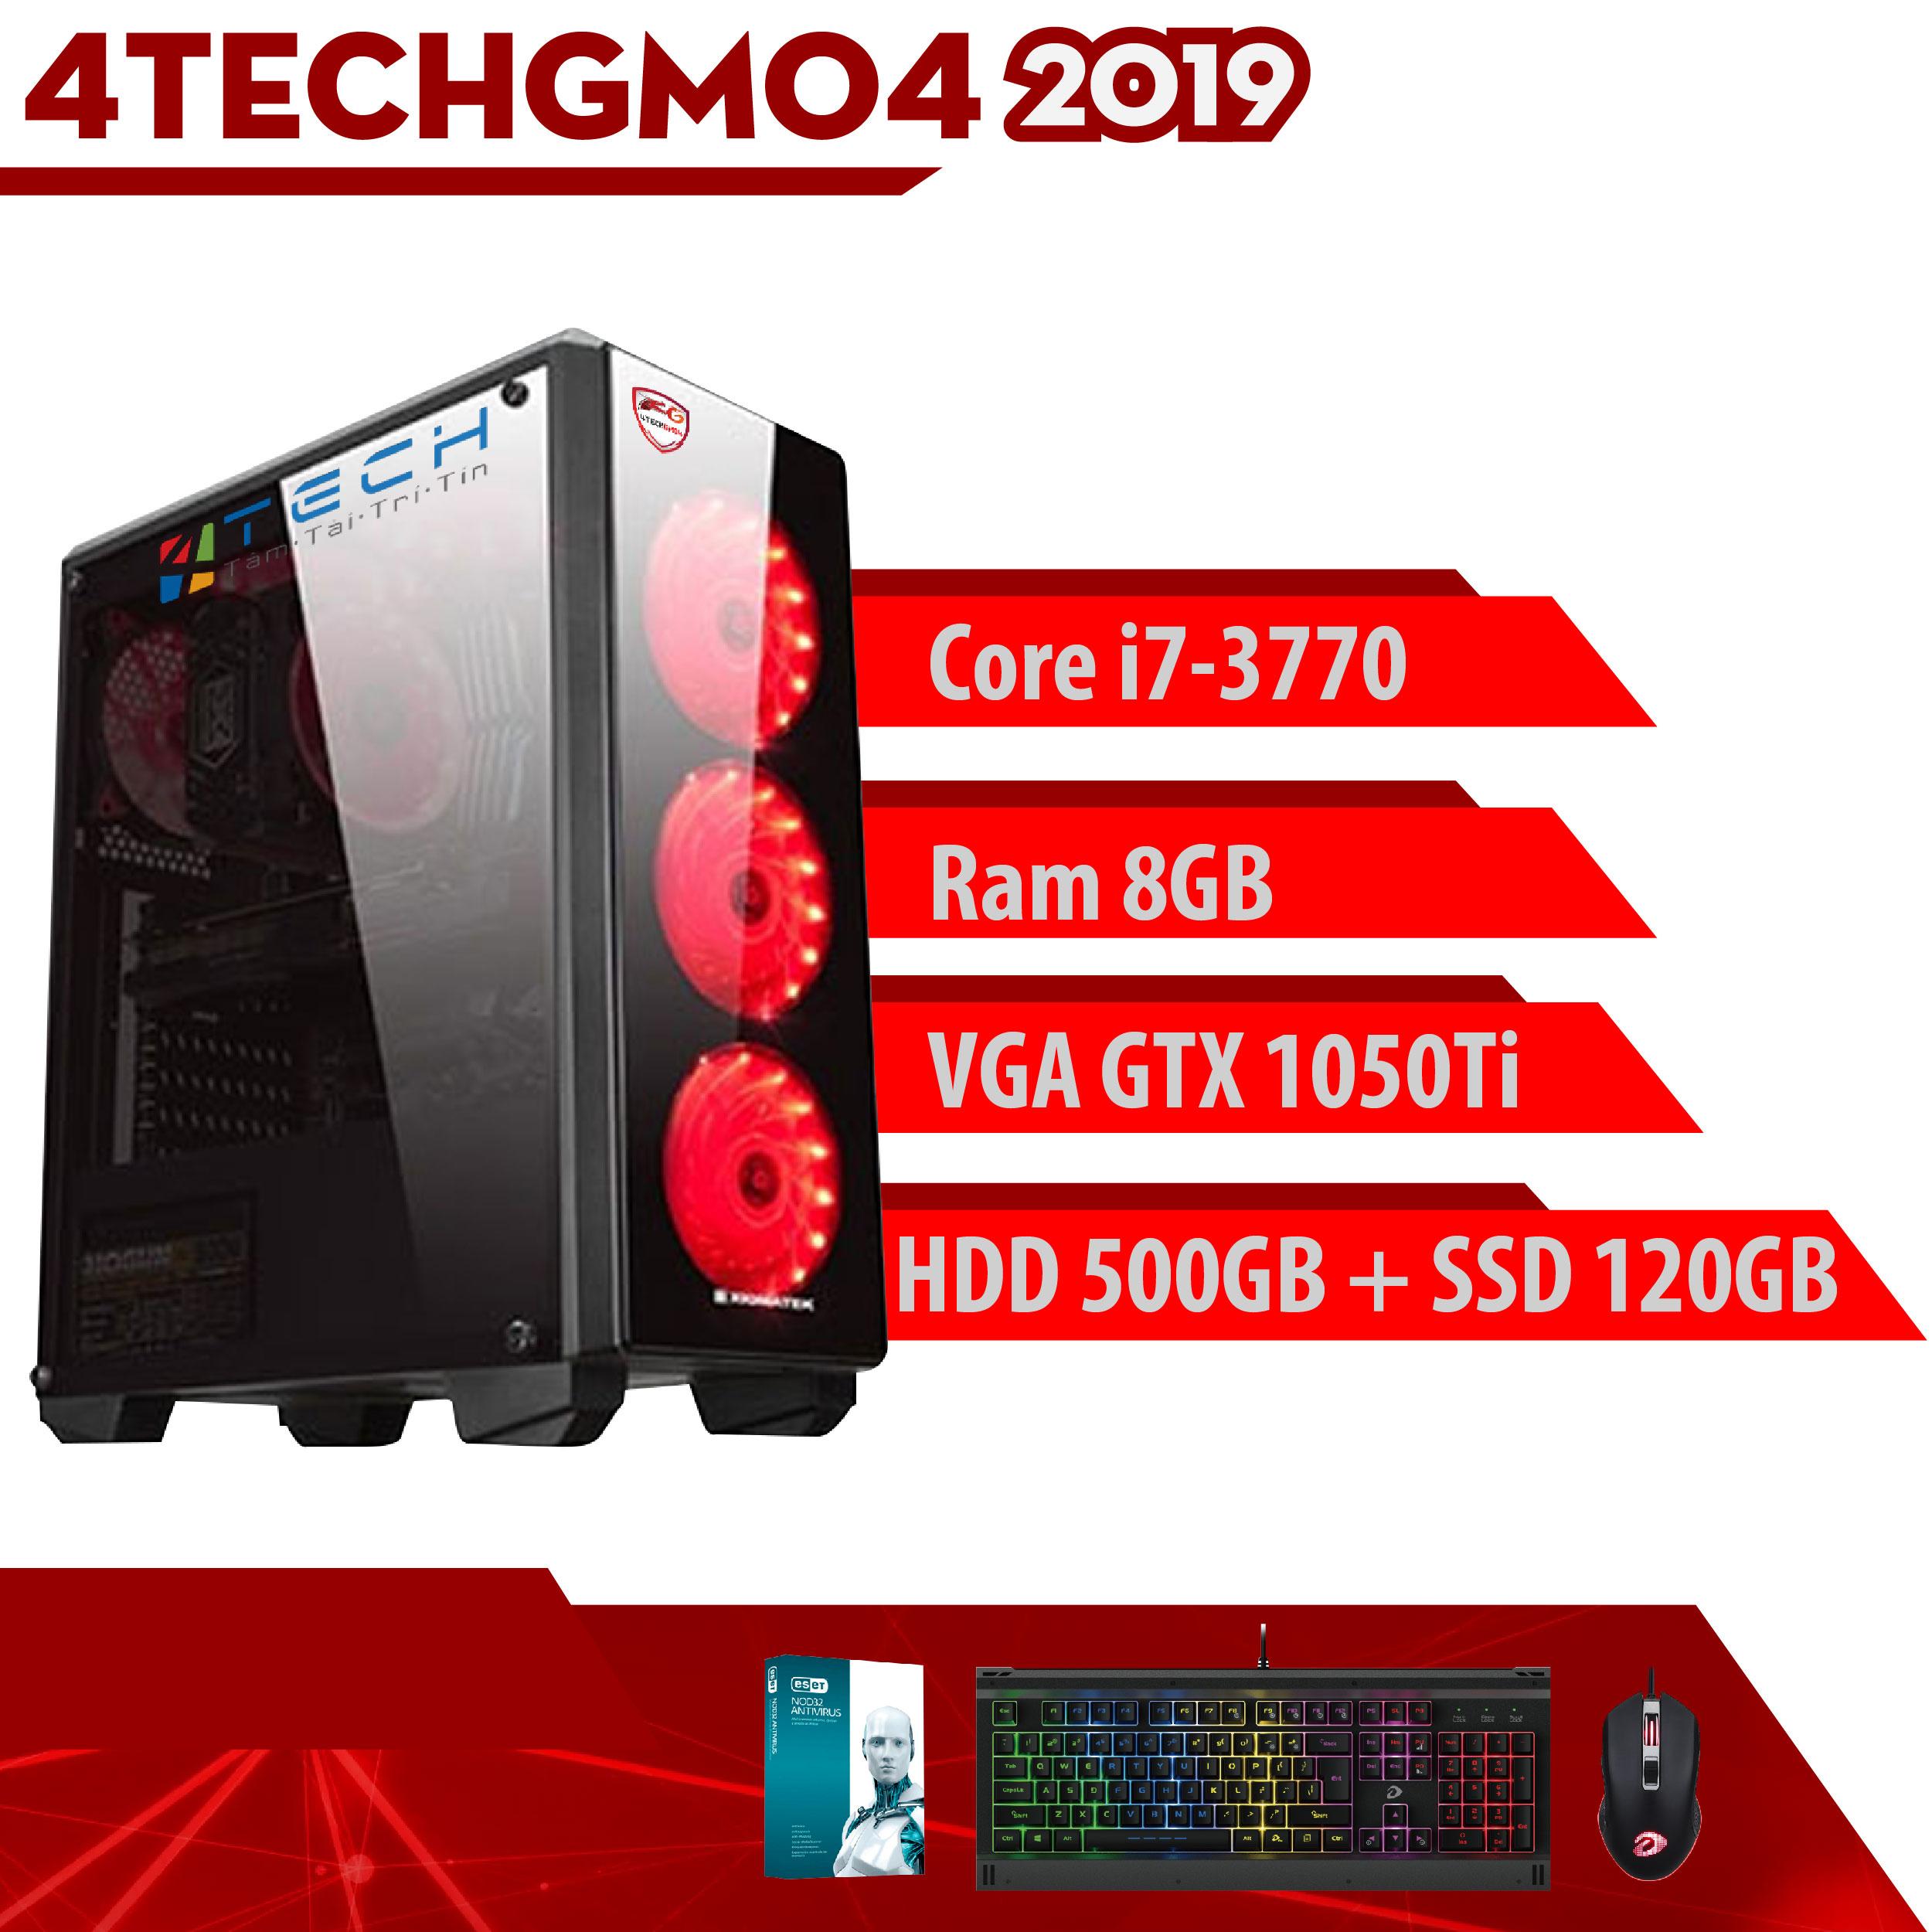 Desktop Computer PC Gaming 4TechGM04 2019, cây máy tính văn phòng cấu hình cao chơi Game, thiết kế đồ họa như máy trạm chuyên nghiệp dùng cho cá nhân, doanh nghiệp, Club Games dùng CPU Core i7 cho Render Video nhanh, không bị chậm, giật, lag. - Hàng Chính